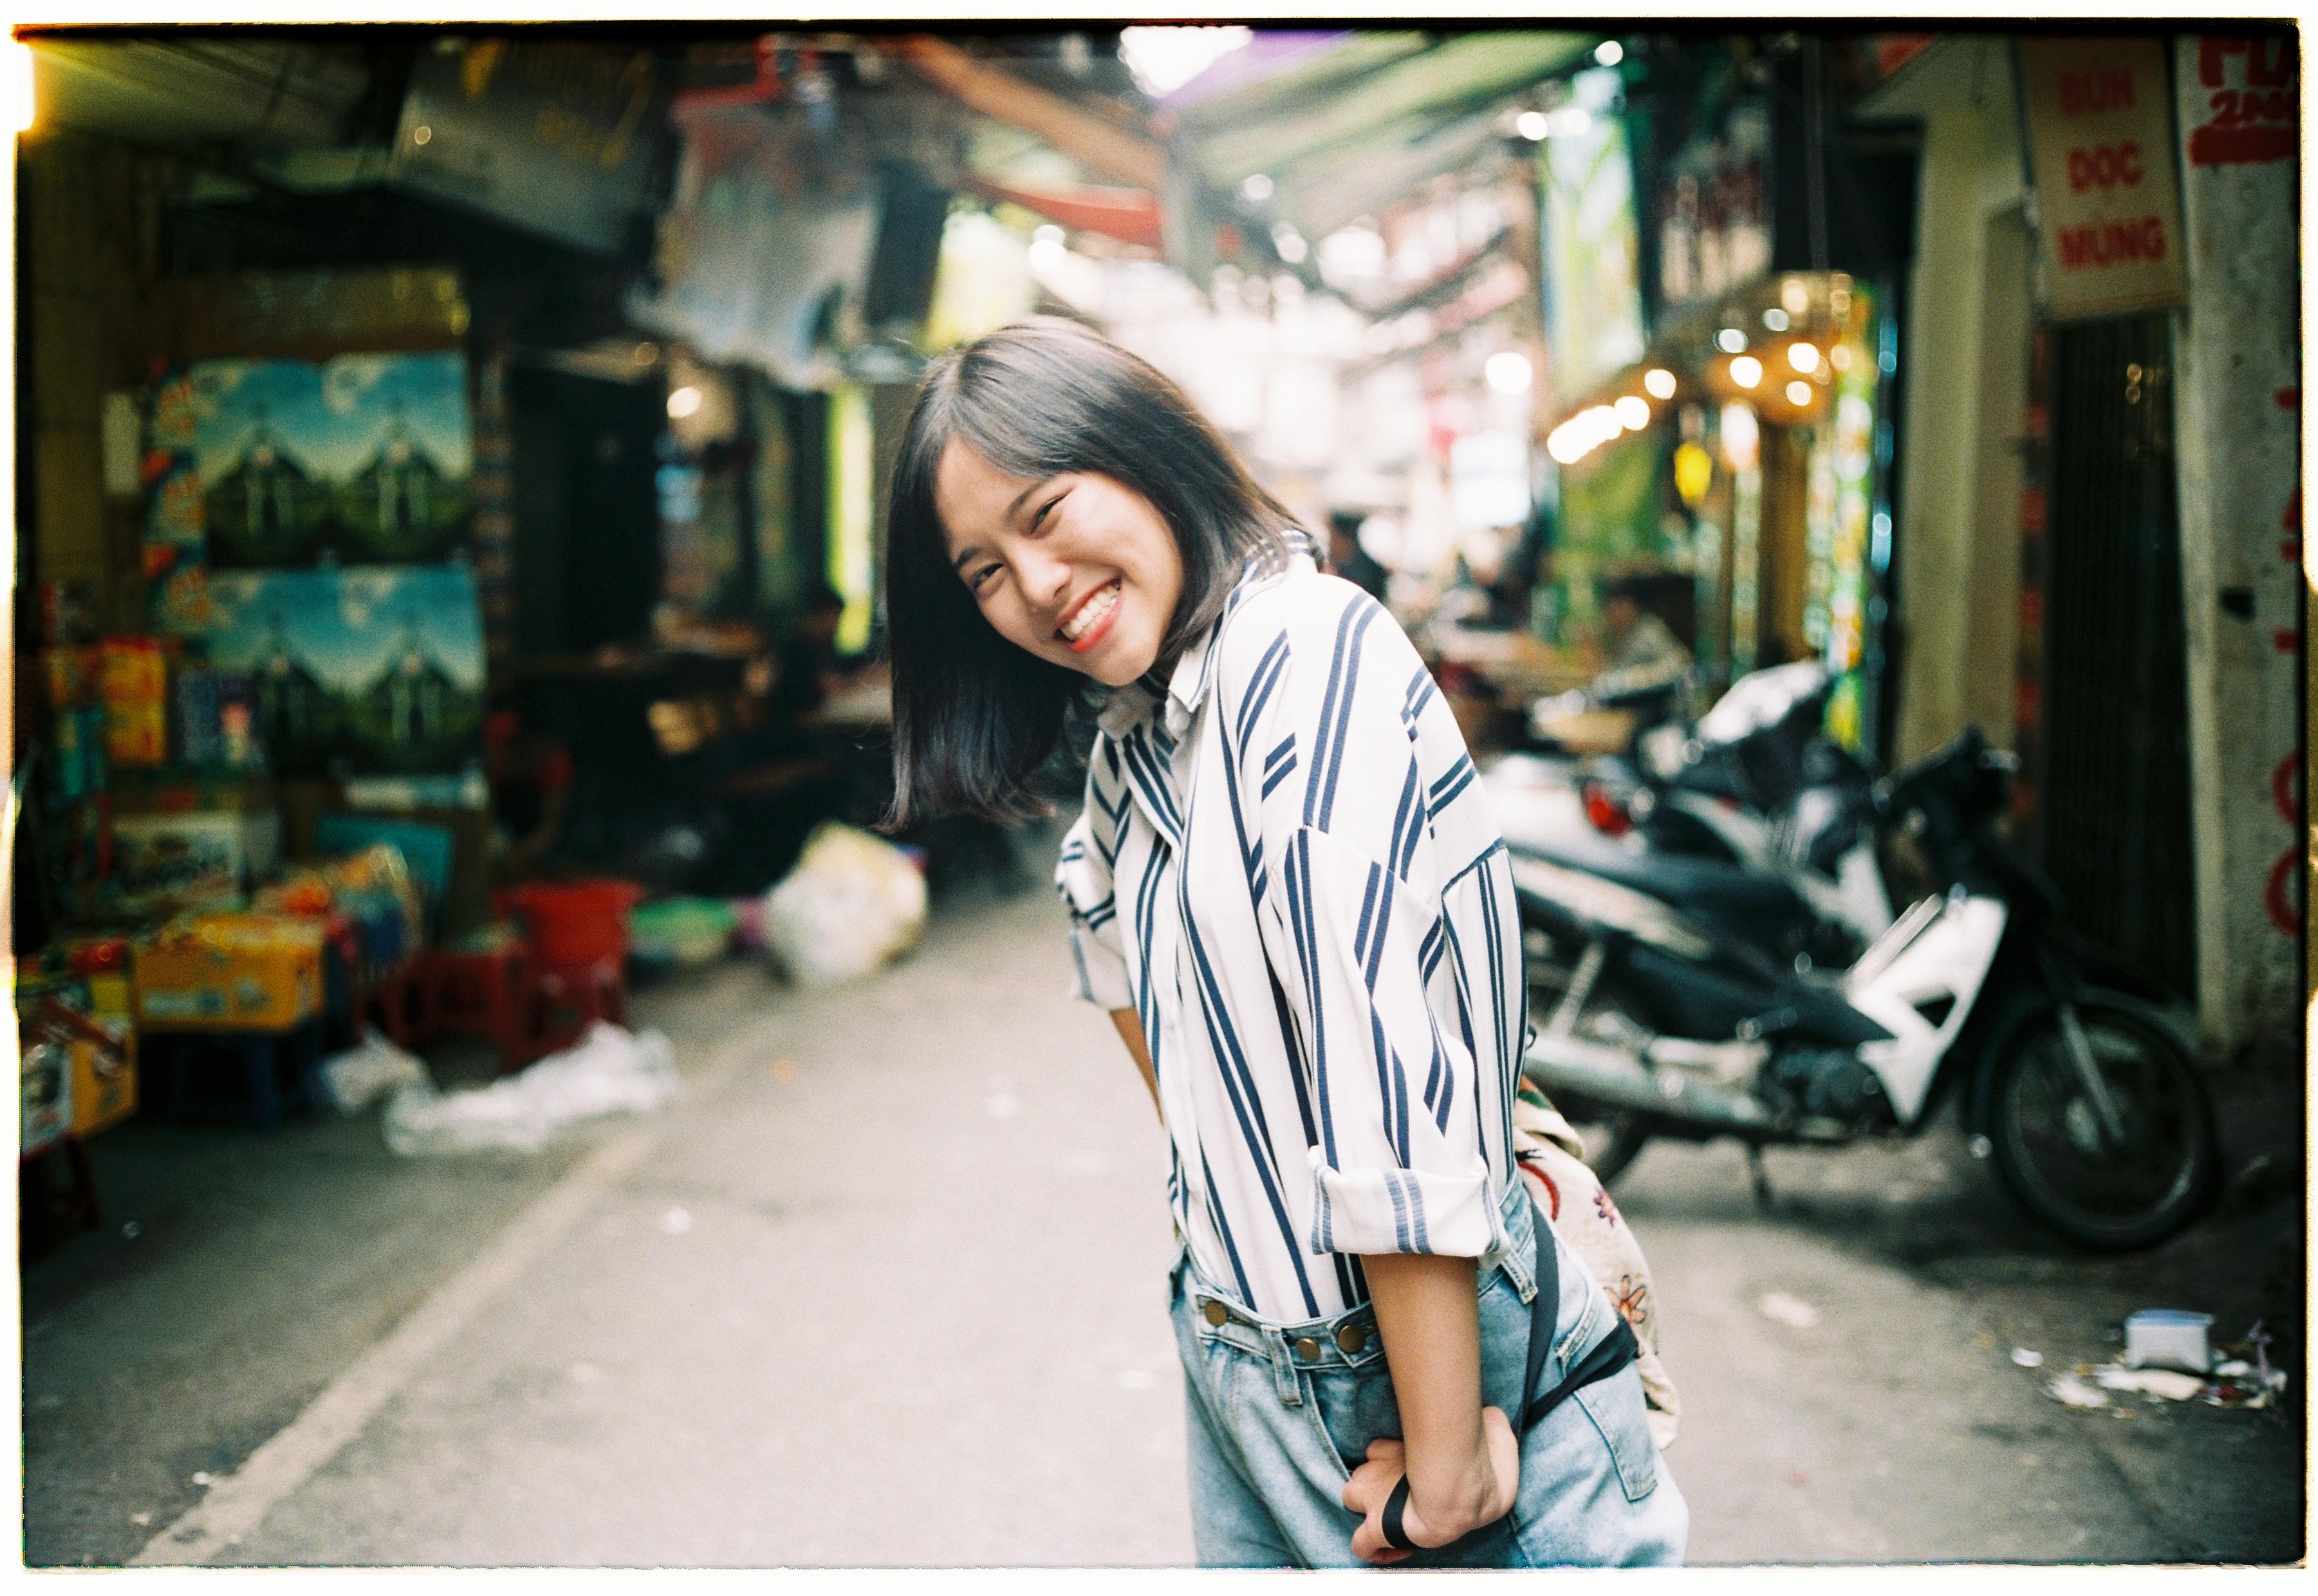 Minh Châu là thành viên của câu lạc bộ Glee YH, câu lạc bộ âm nhạc của trường Yên Hoà. Glee YH luôn tạo điều kiện để các thành viên được thể hiện đam mê, nên em cũng đã diễn ở một số sự kiện ca nhạc lớn nhỏ. Cô nàng còn sở hữu chiều cao 1m65, vóc dáng khá cao so với đa phần lý phụ nữ Việt Nam.